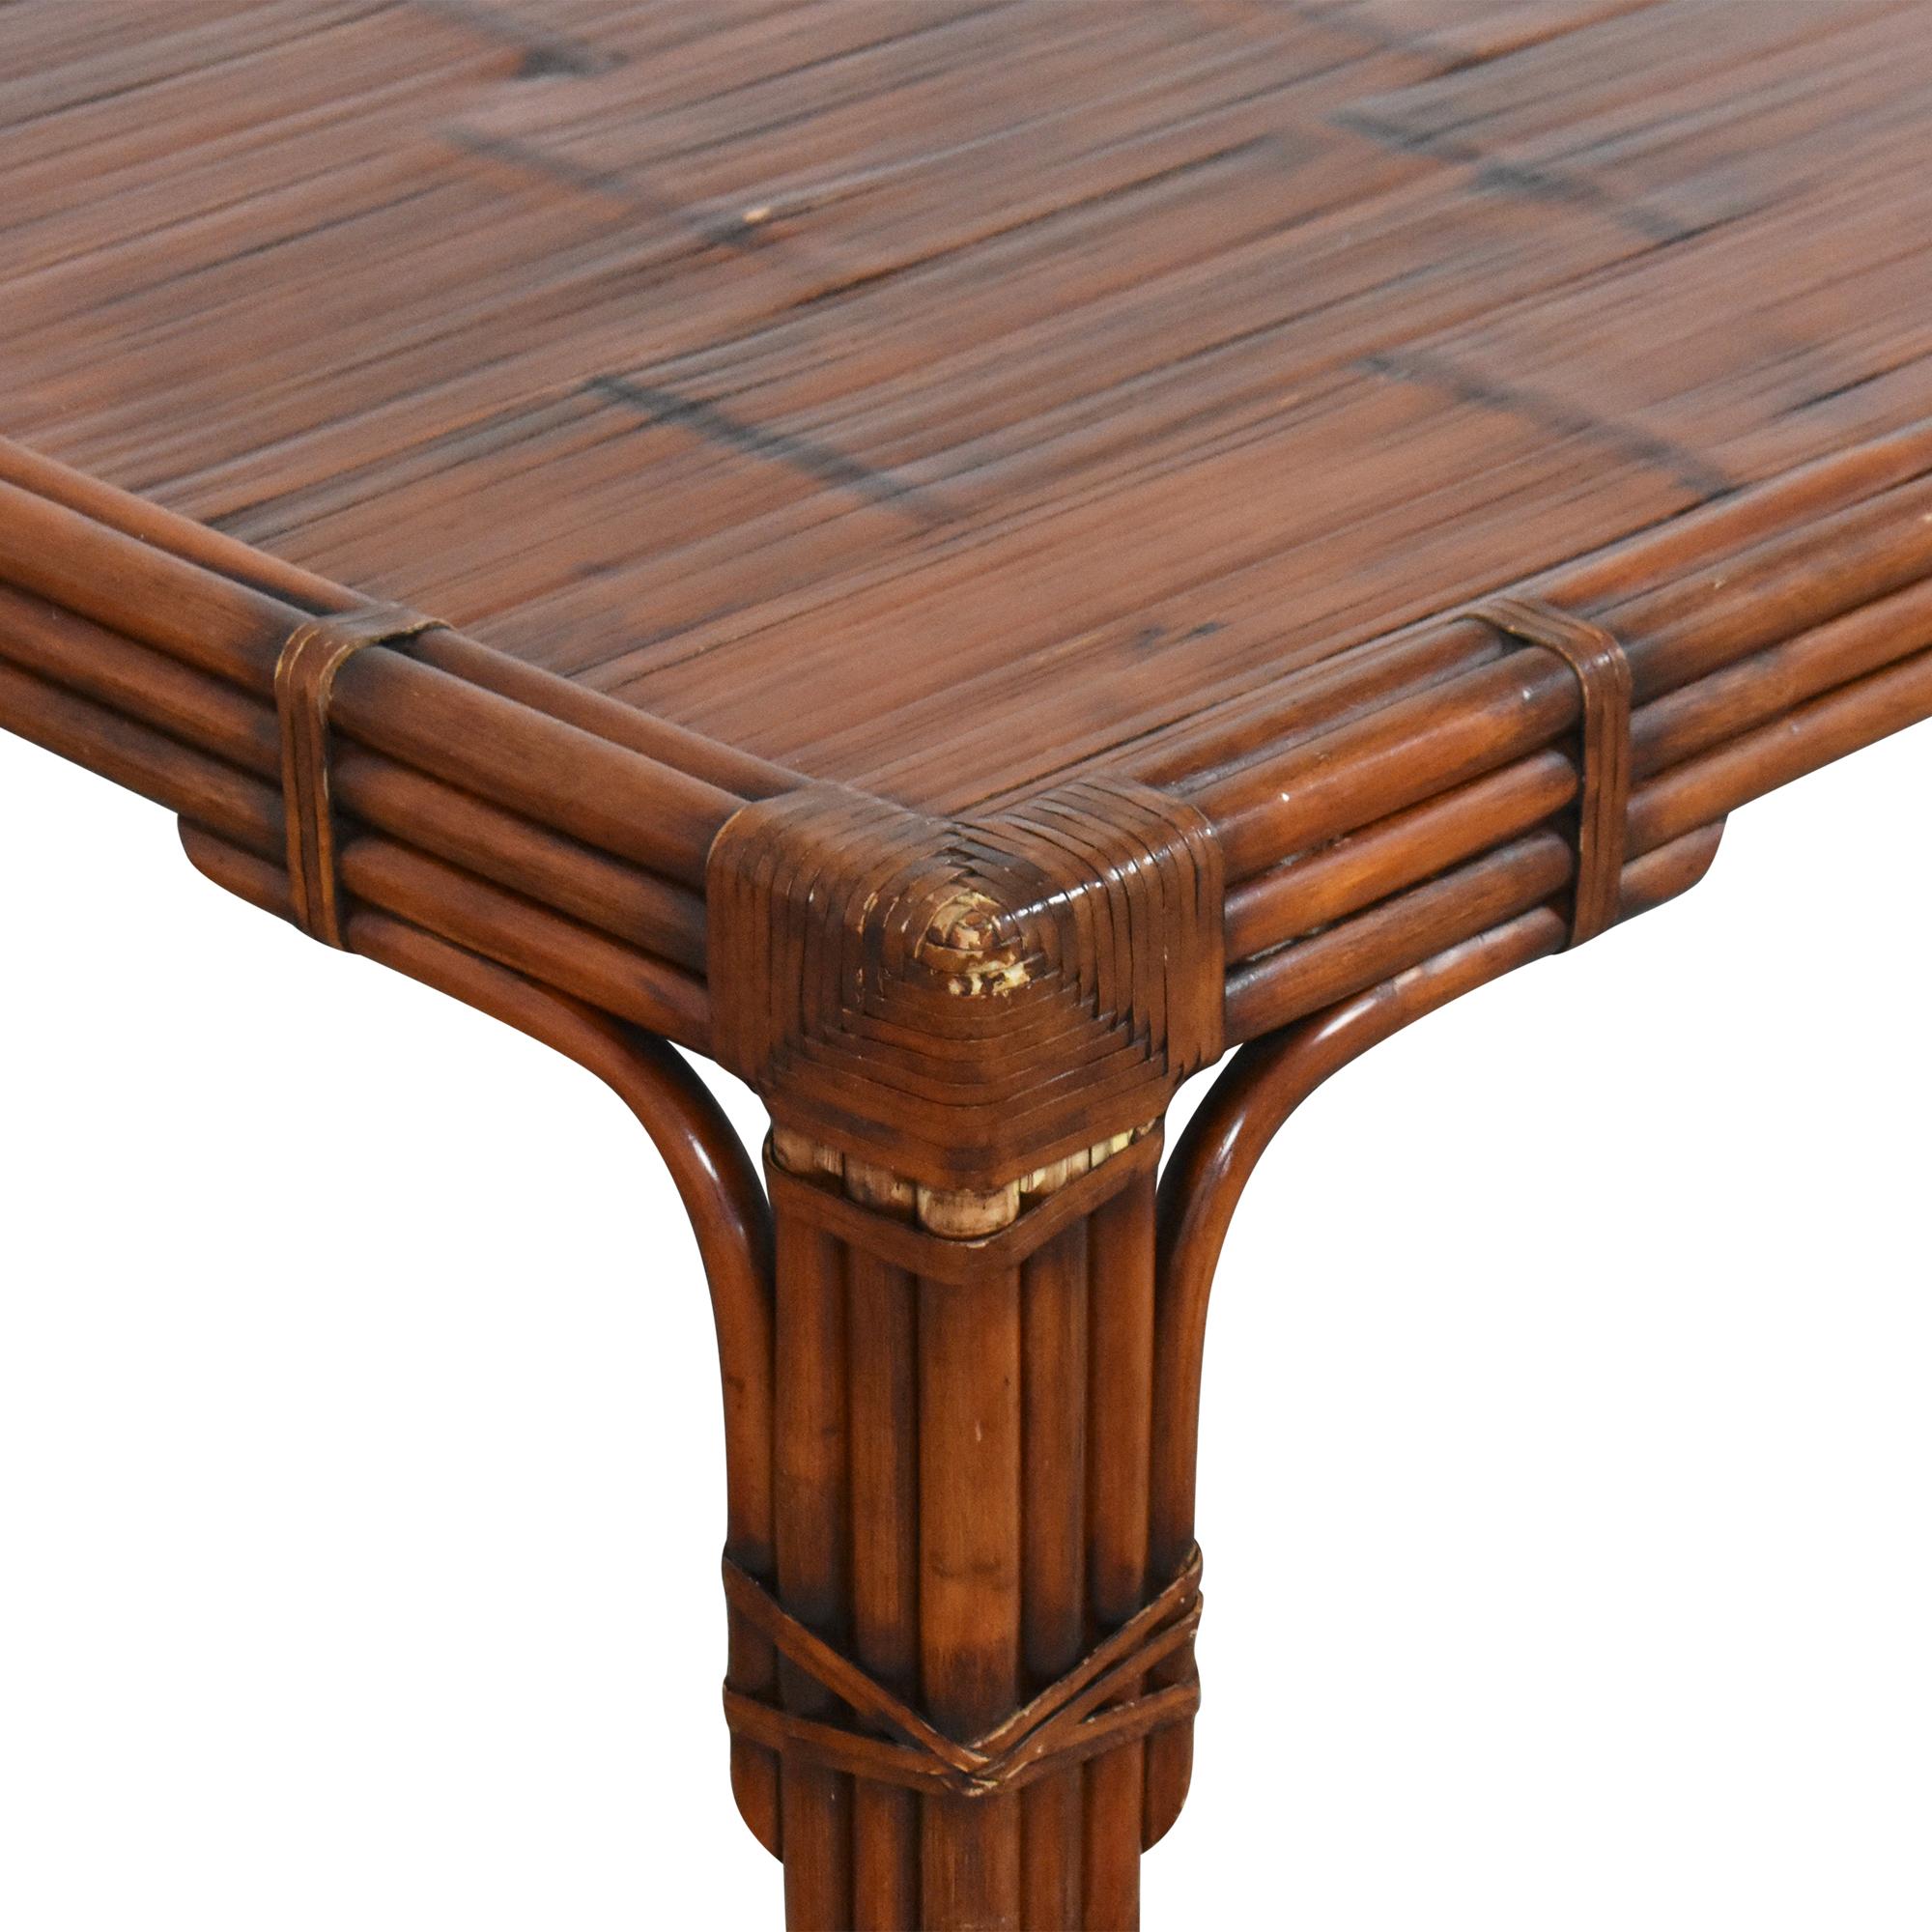 Ralph Lauren Home Ralph Lauren Home Coffee Table nj